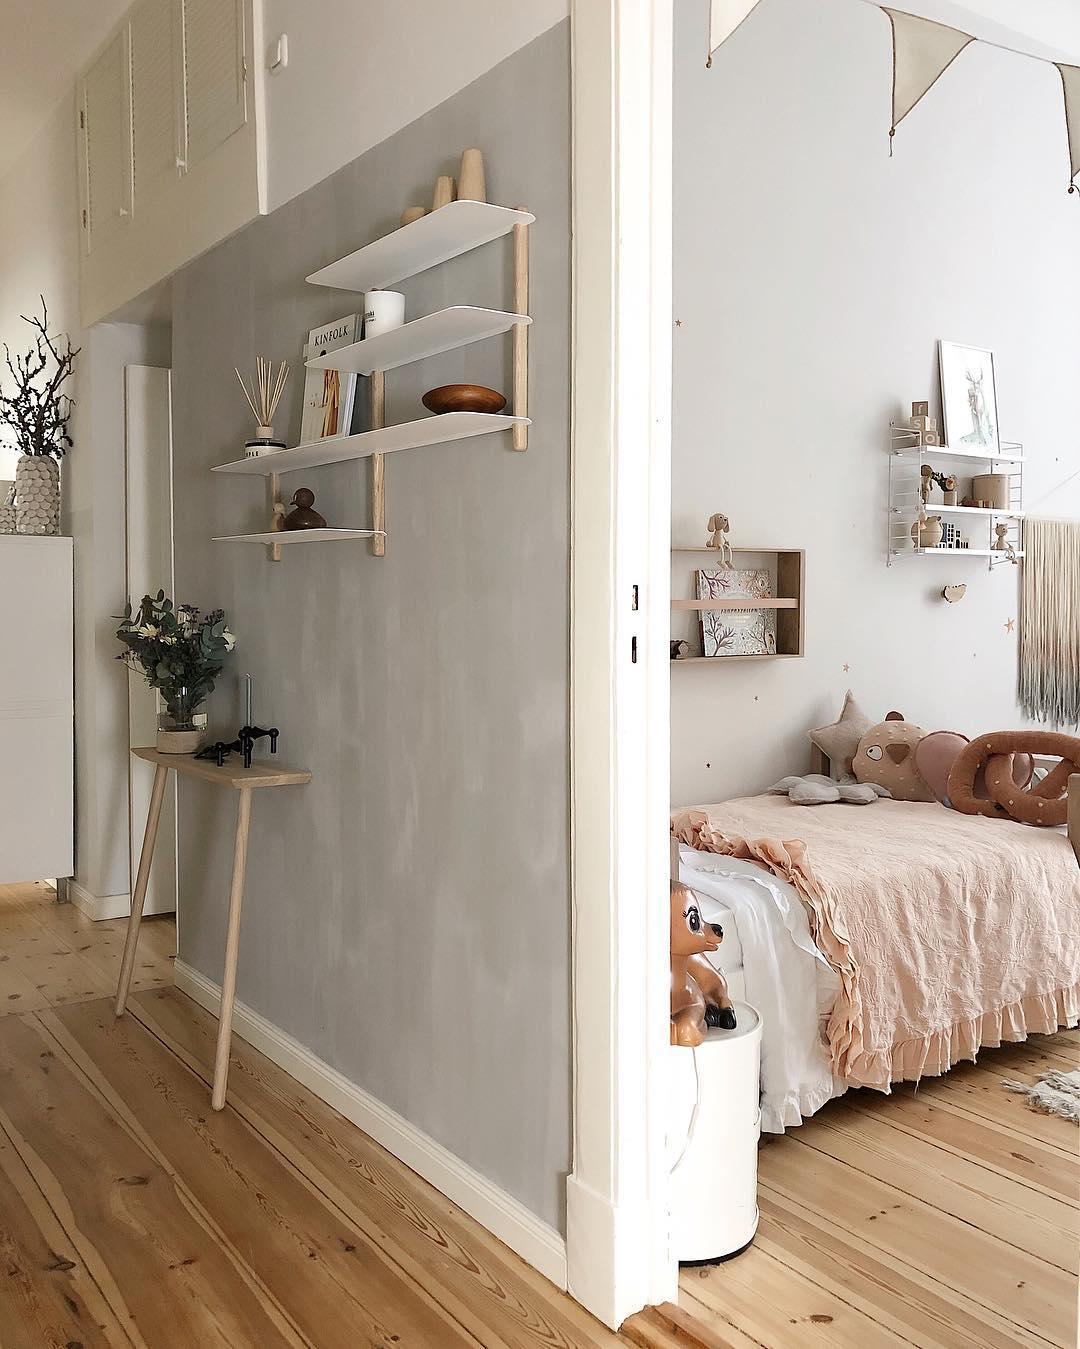 couleur pastel couloir mur gris chambre rose parquet bois frange tie and dye - blog déco - clem around the corner